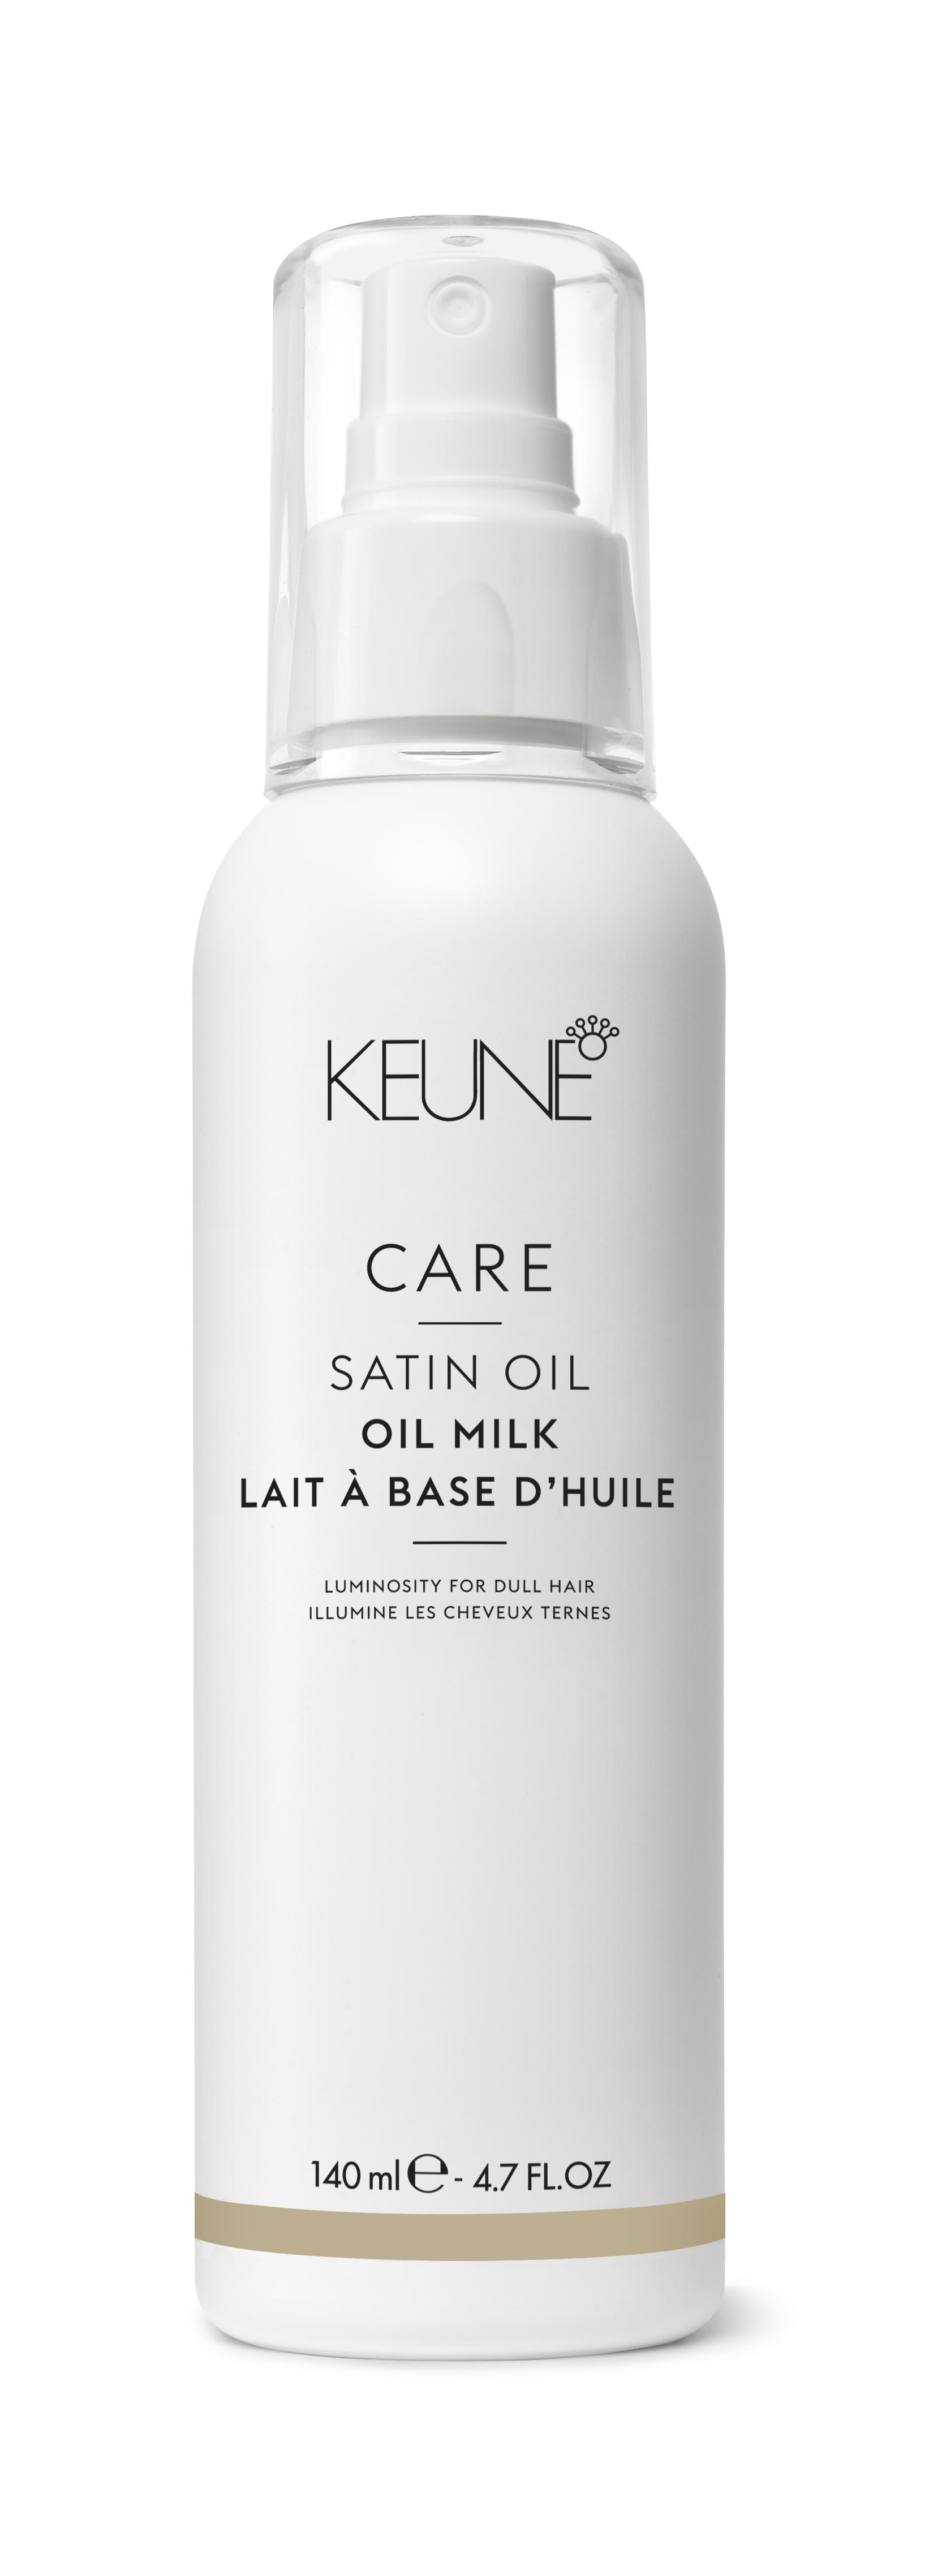 KEUNE Масло-молочко для волос Шелковый уход/ CARE Satin Oil - Oil Milk 140млМолочко<br>Масло-молочко для волос Шелковый уход Кене обладает легчайшей текстурой, которая обеспечивает моментальное впитывание. Уникальная формула с маслами и природными экстрактами наполняет волосы влагой, не утяжеляя их. Локоны приобретают мягкость восхитительное сияние. Активные ингредиенты: вода, природные минералы цинк, медь, железо, кремний, магний, масло маракуйи, масло баобаба, масло маной Способ применения: наносите масло-молочко Keune Care Satin Oil на чистые влажные или сухие волосы.<br><br>Типы волос: Для всех типов